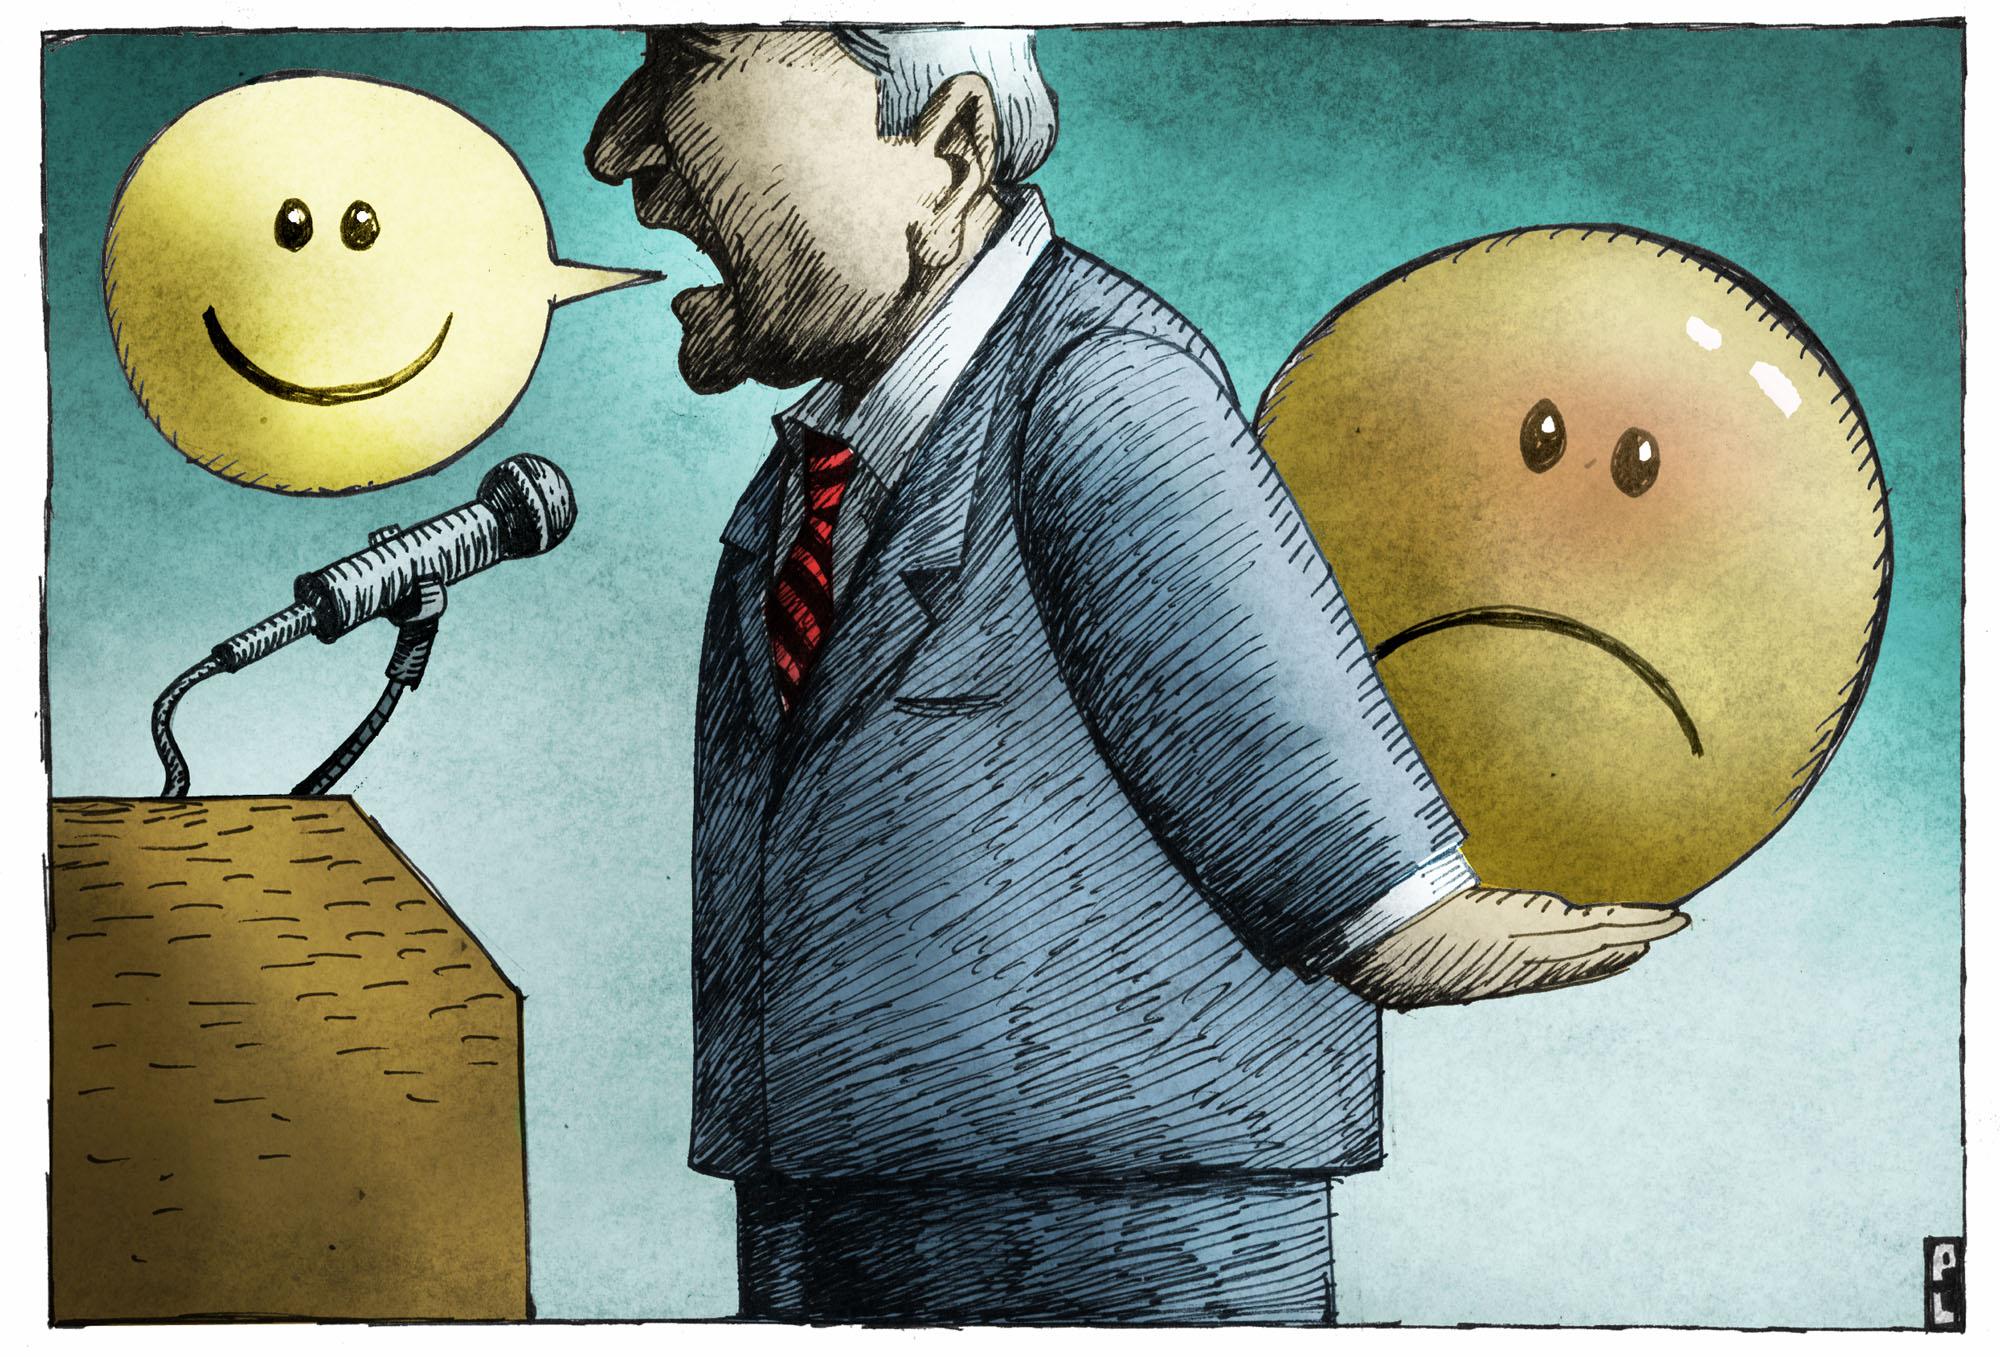 один политическая экономика картинки создания